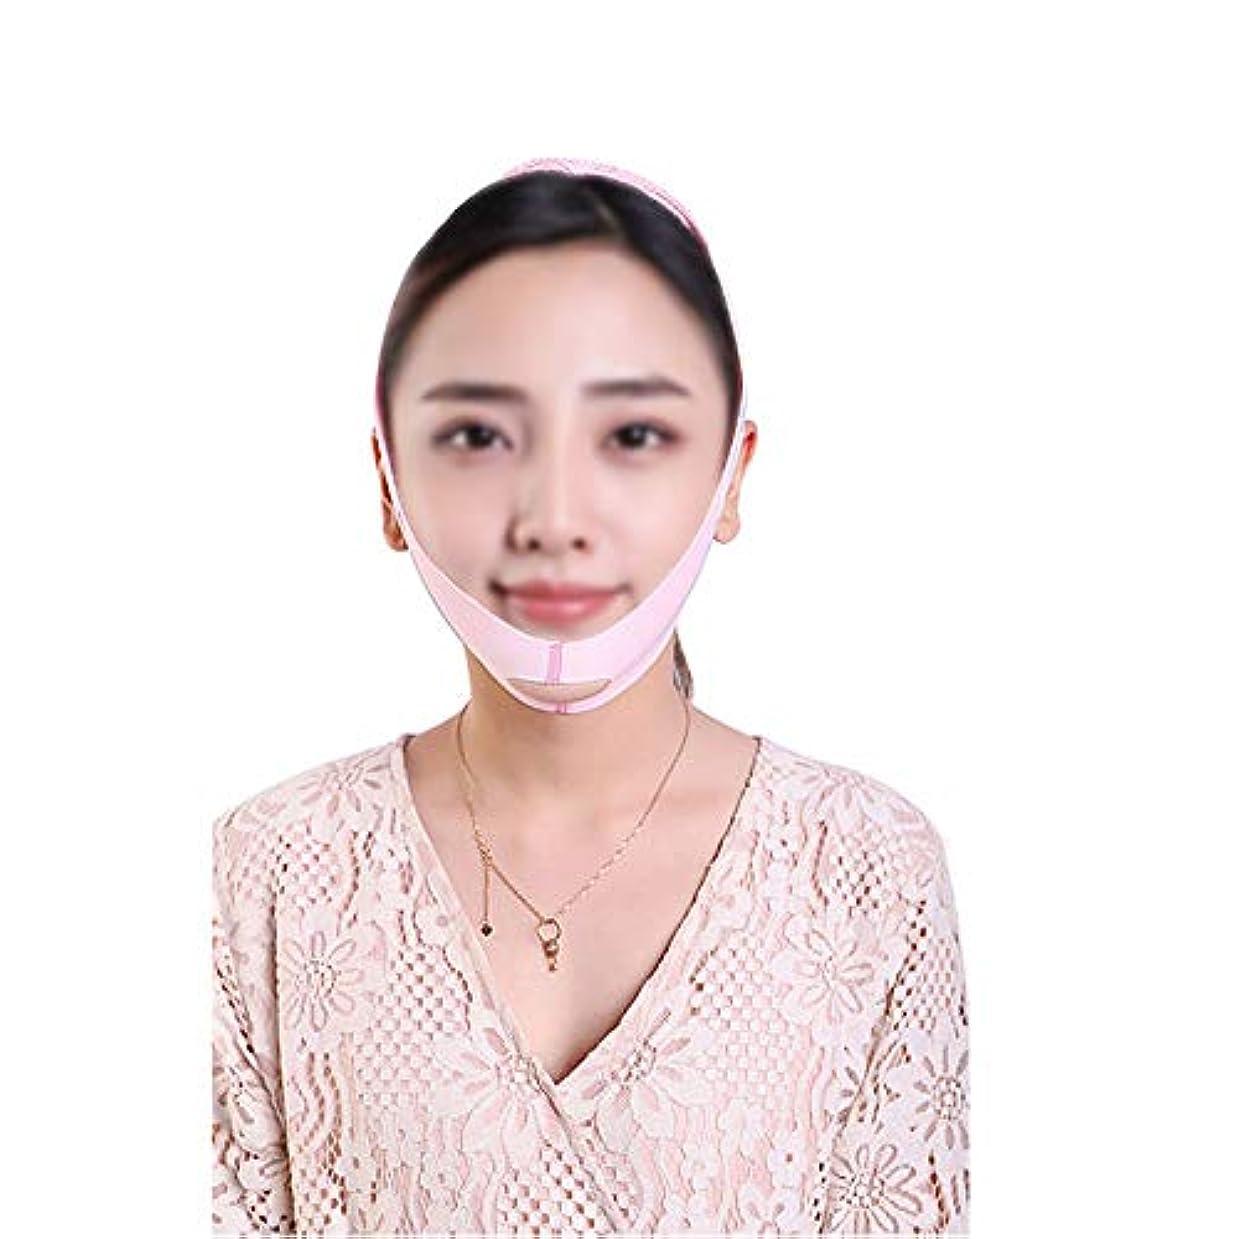 ビジュアル改革ポルノTLMY 薄いフェイスマスク引き締めアンチフロントドルーピングアーティファクト小さなVフェイス包帯マスク 顔用整形マスク